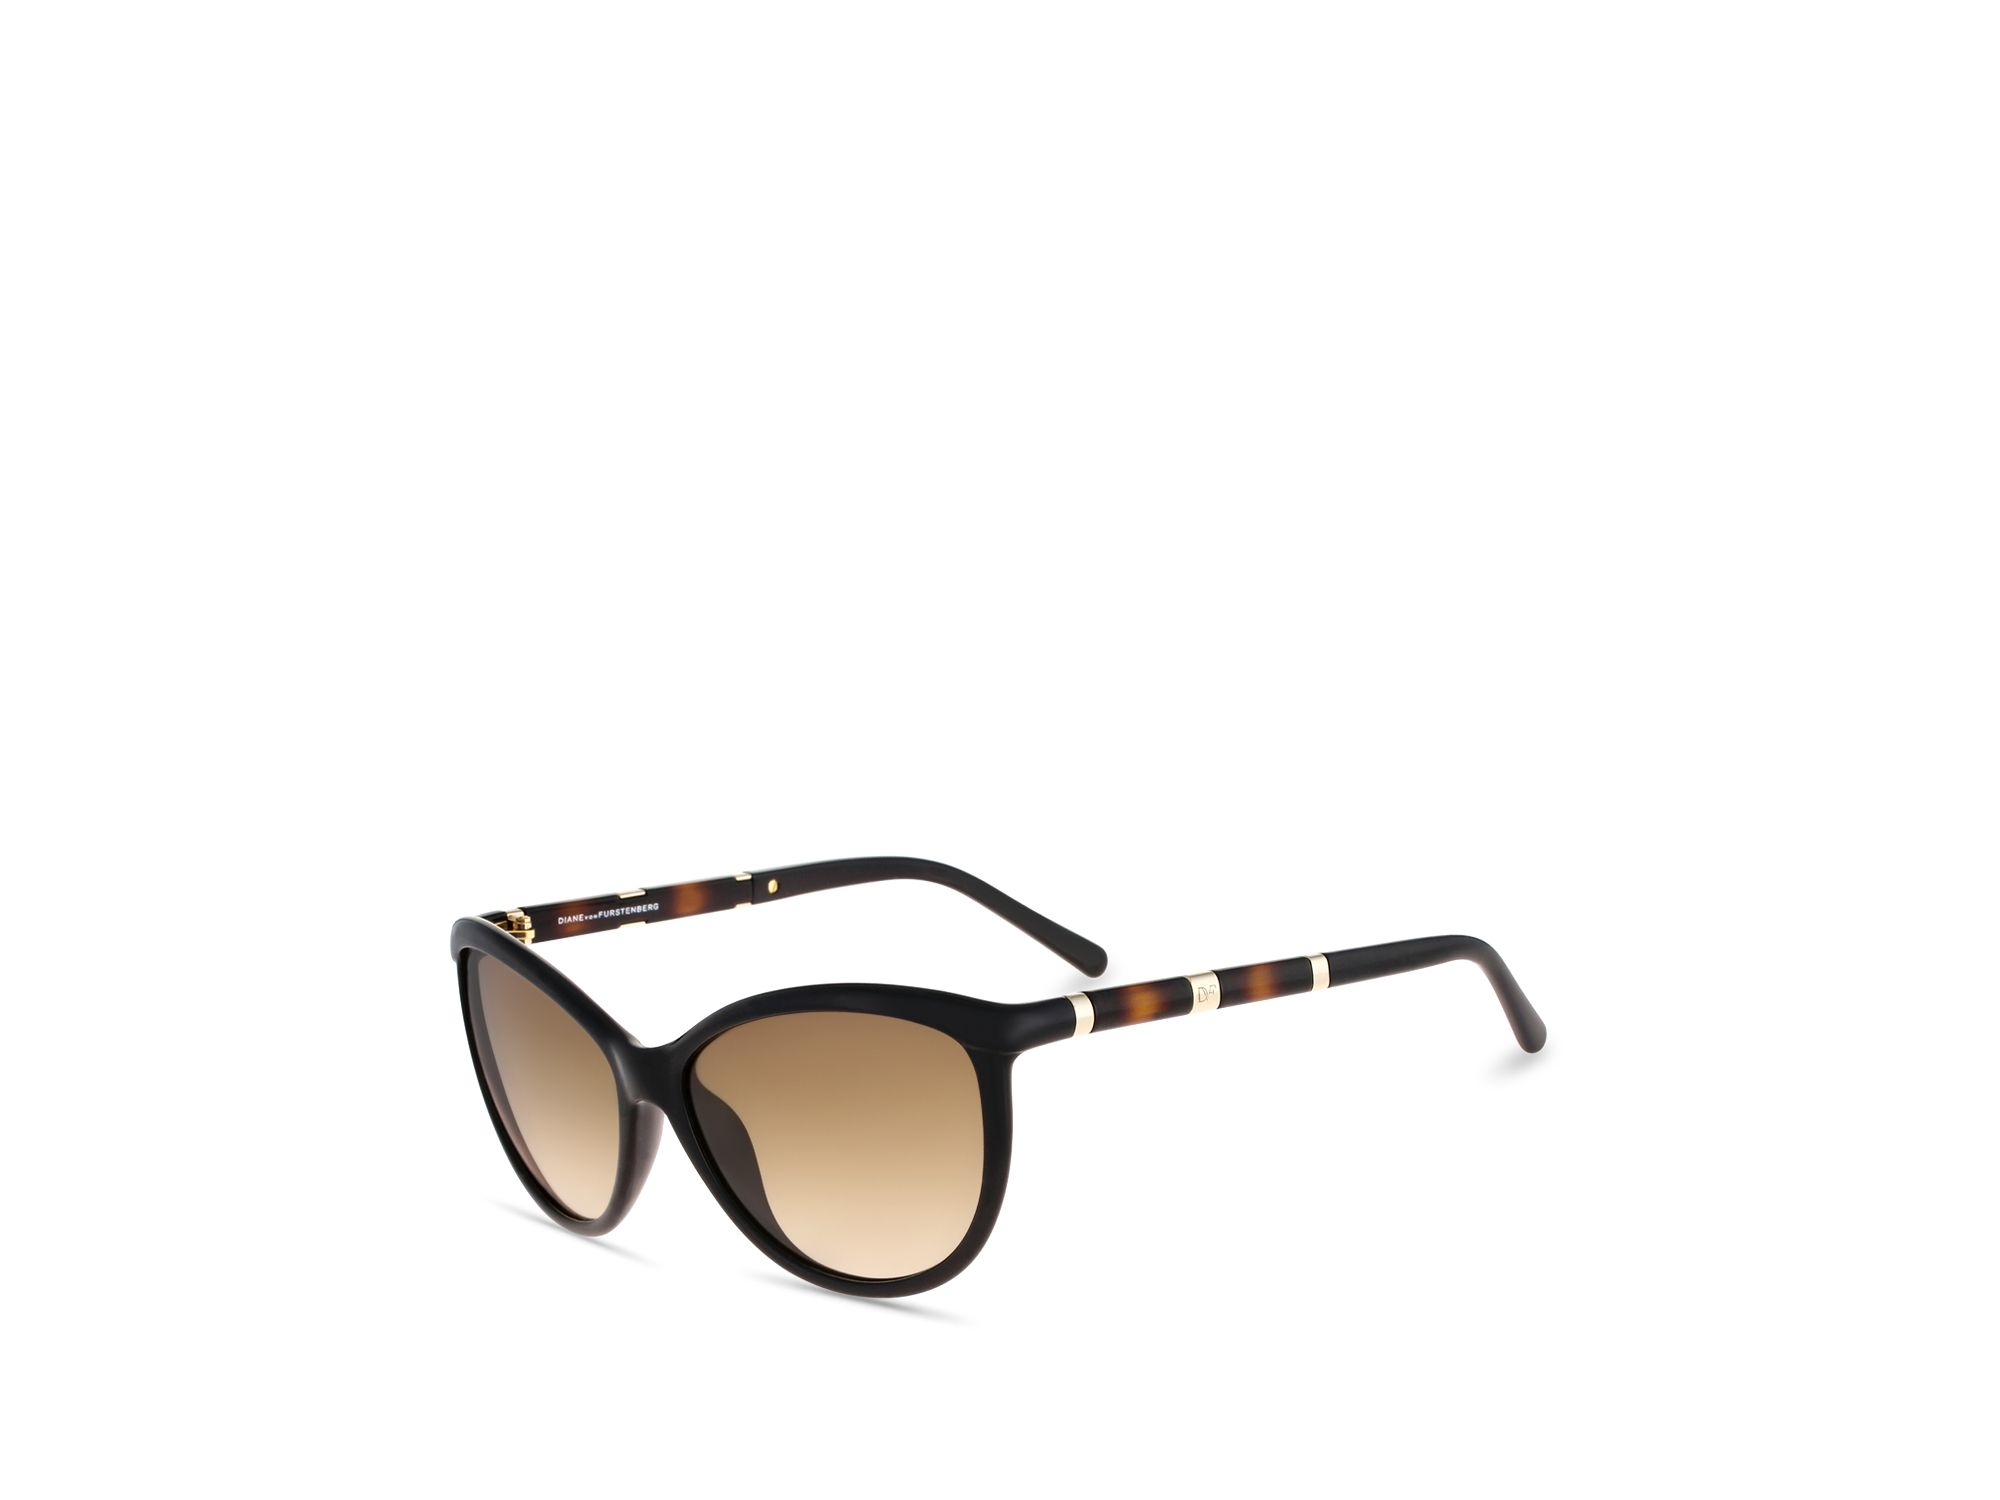 Lucky Brand Tortoise Cat Eye Sunglasses